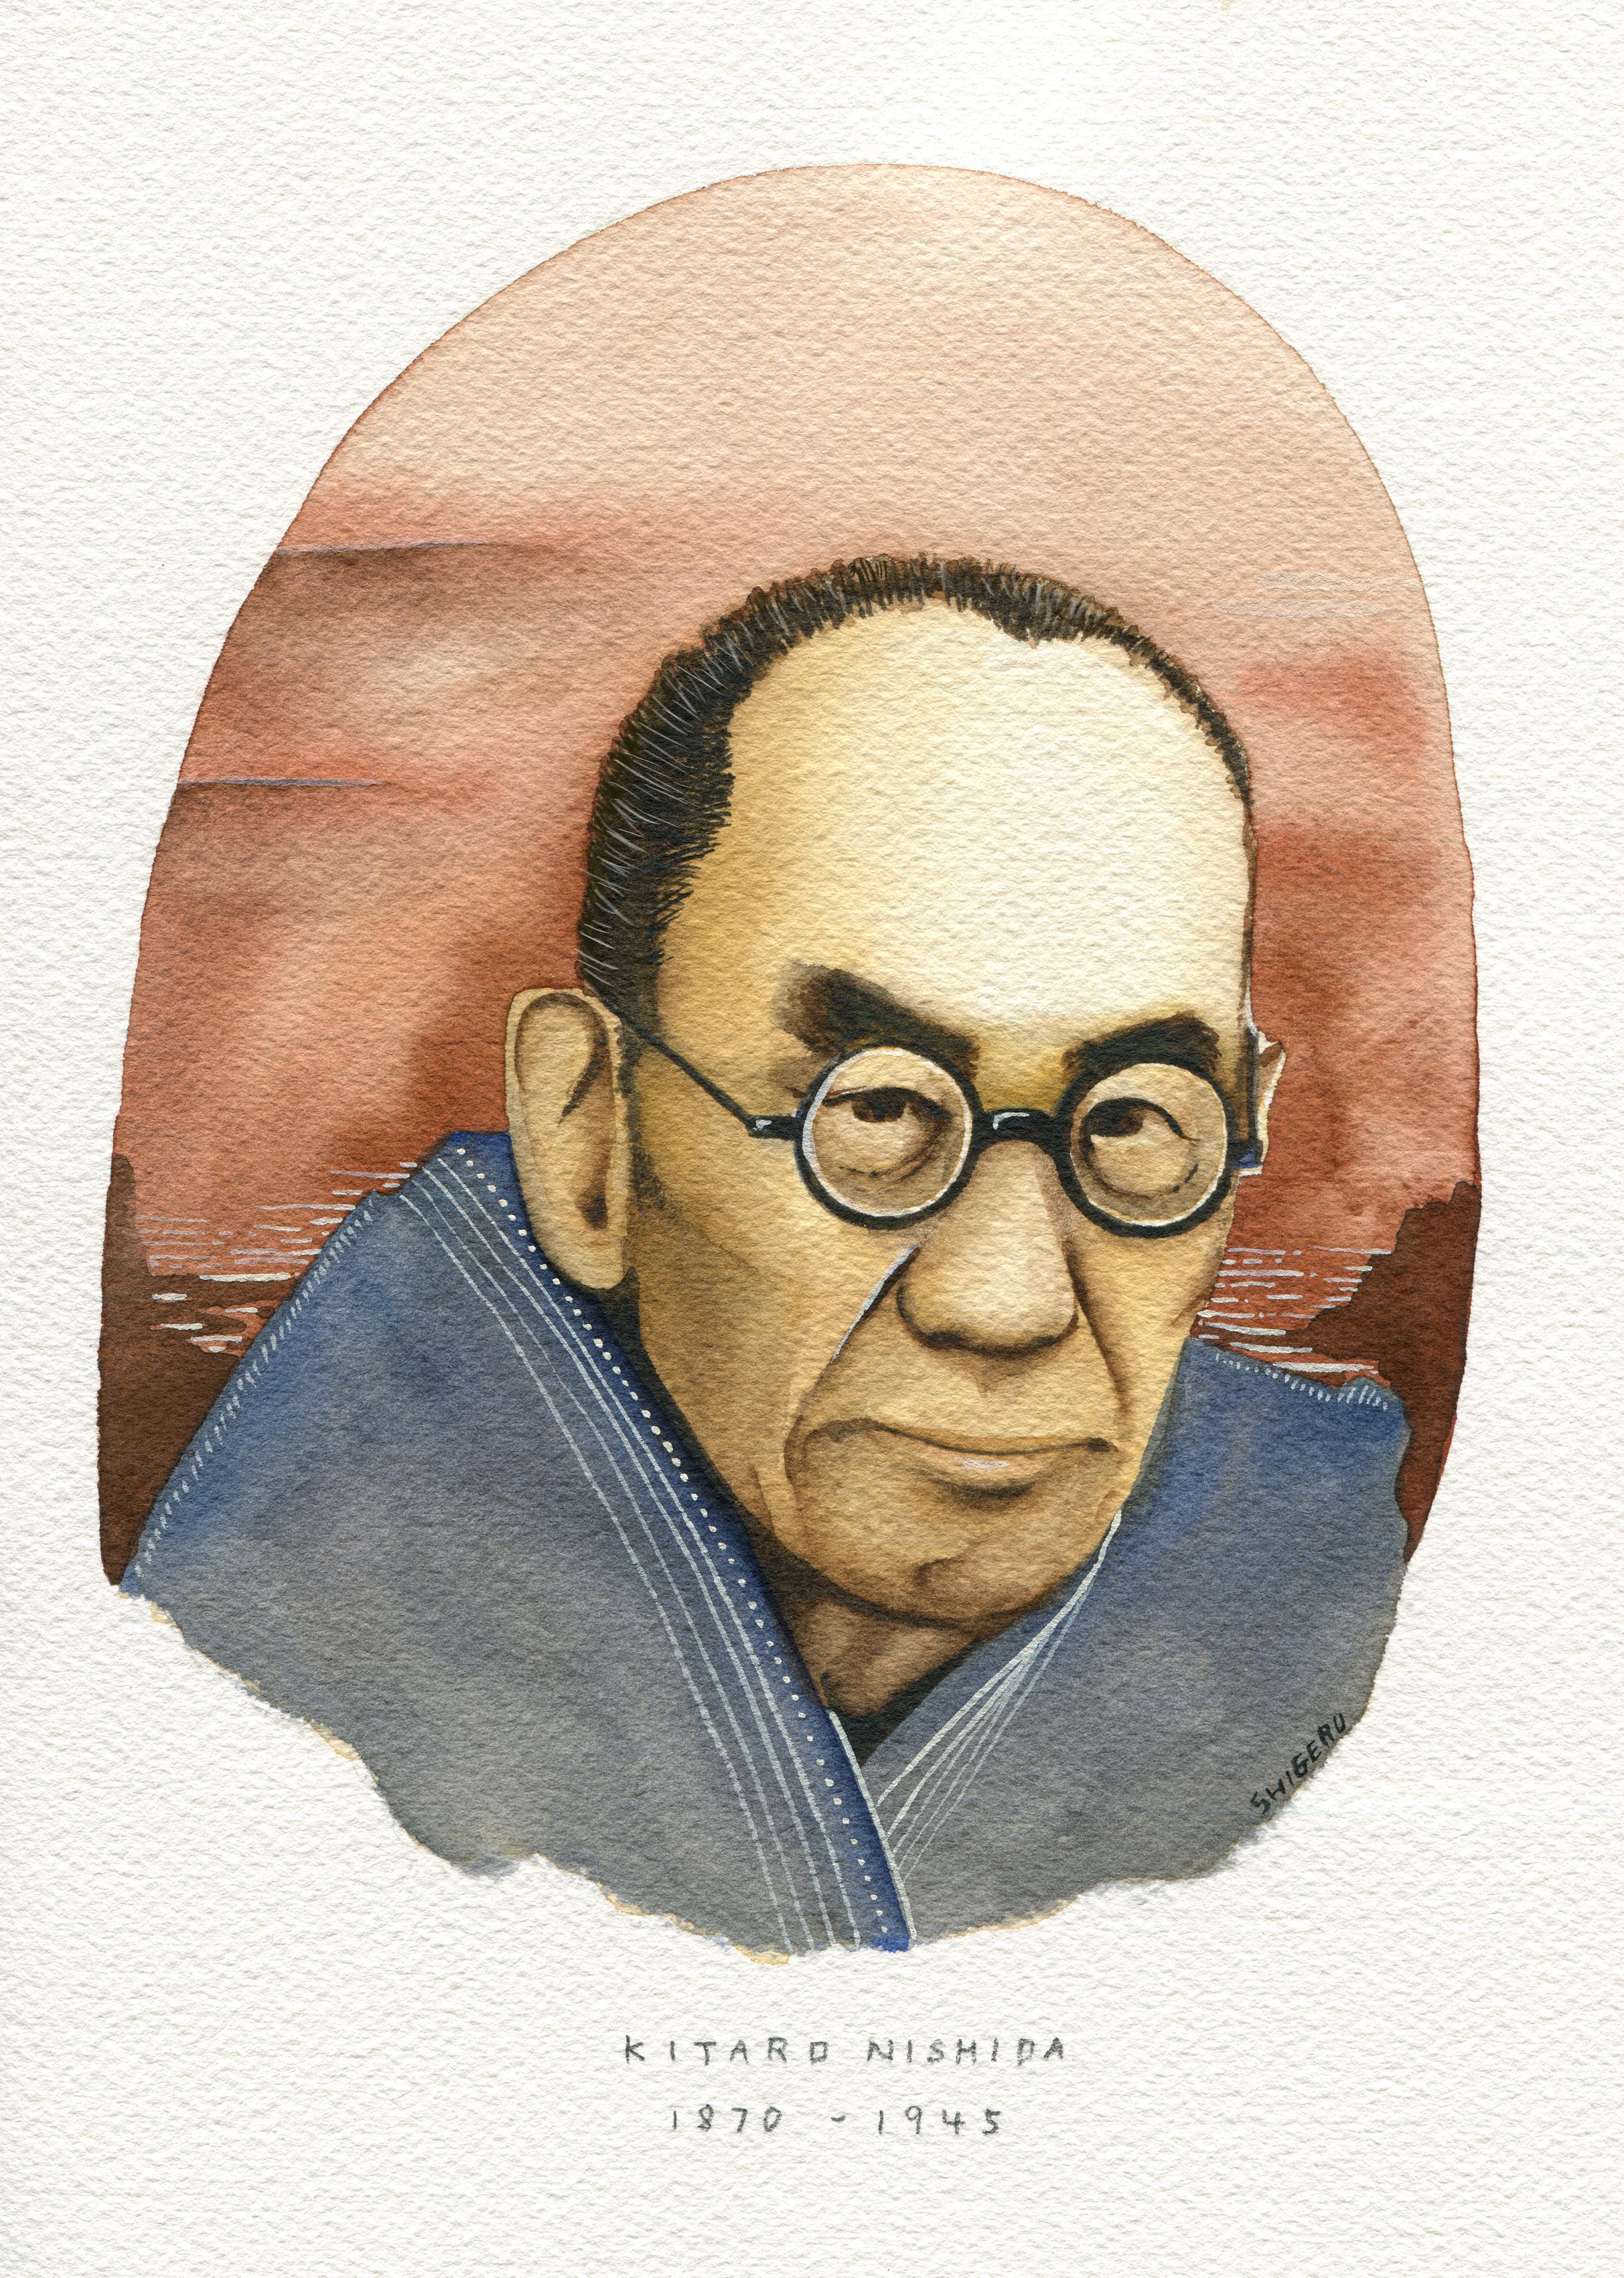 Kitaro Nishida